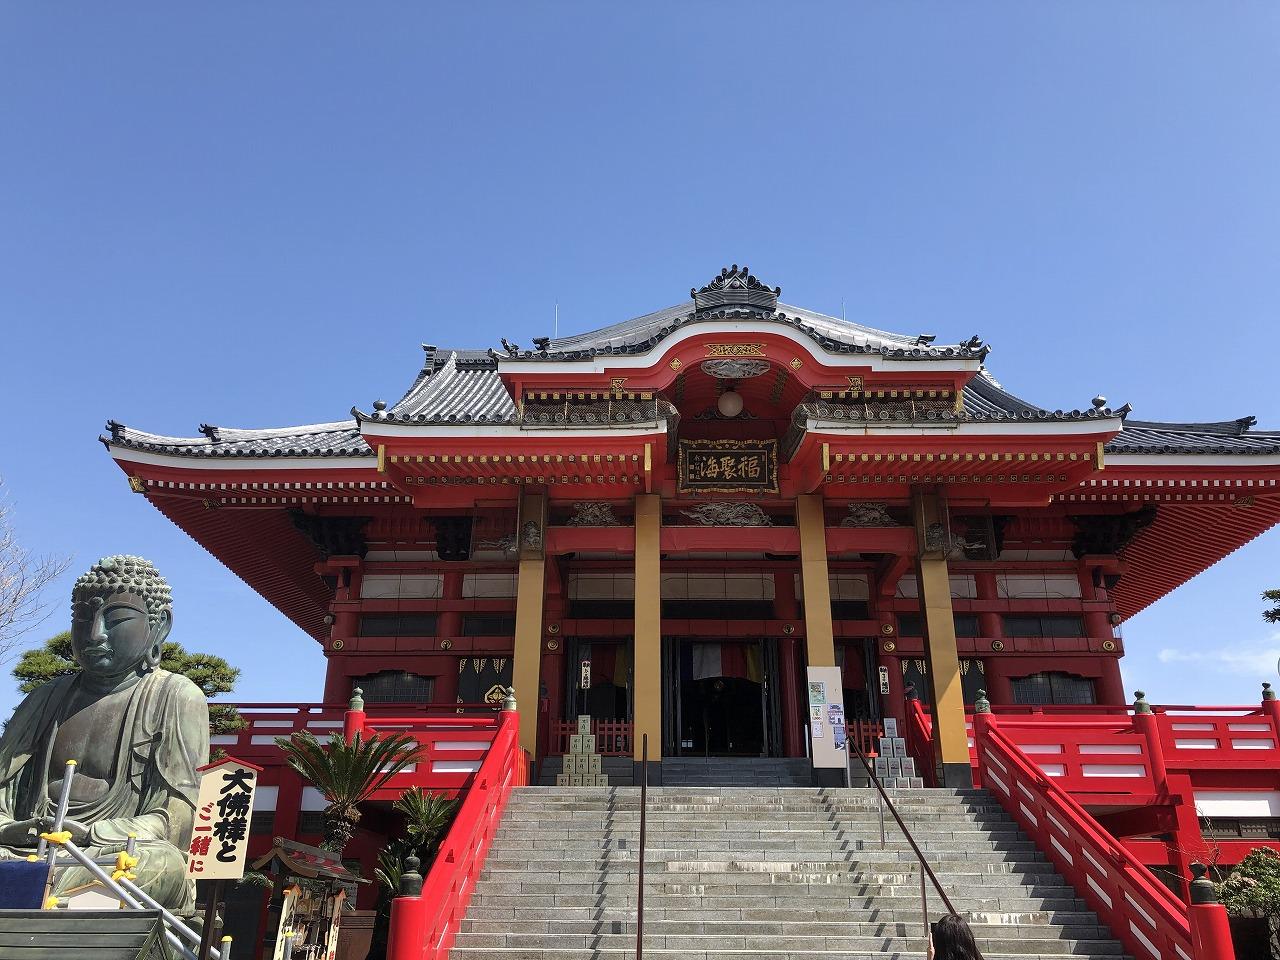 銚子の圓福寺